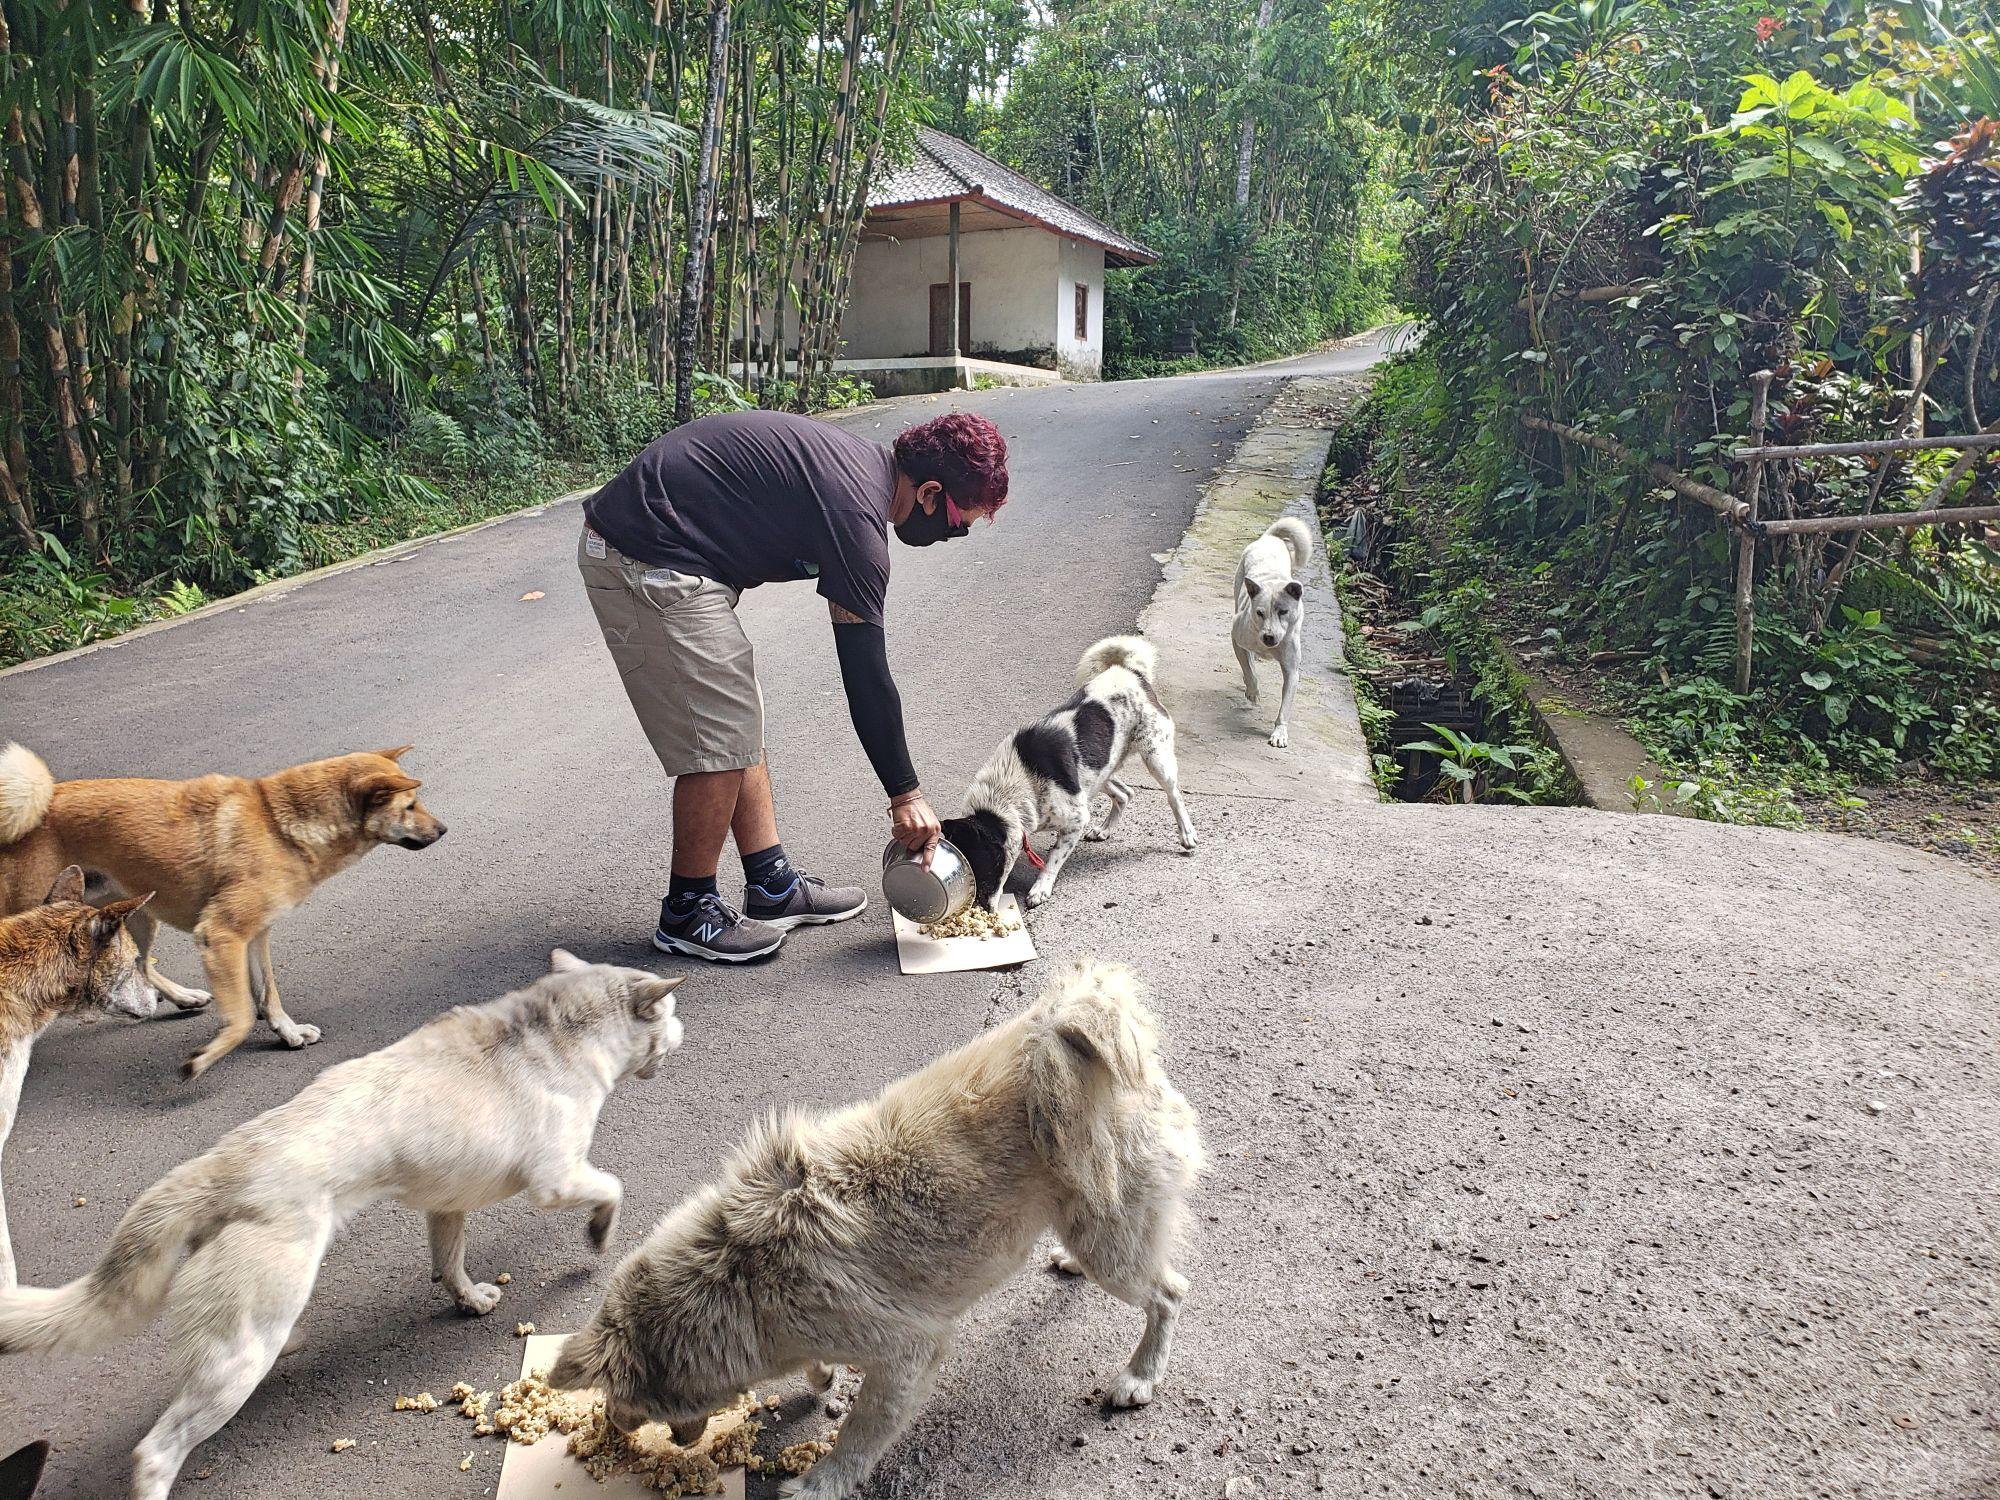 Fütterungsprojekt mit lokaler NGO versorgt Hunde und Katzen, die sich normalerweise aus Abfällen der Tourismusindustrie ernähren - und schützt sie vor brutalen Händlern © VIER PFOTEN | Bali Animal Welfare Association